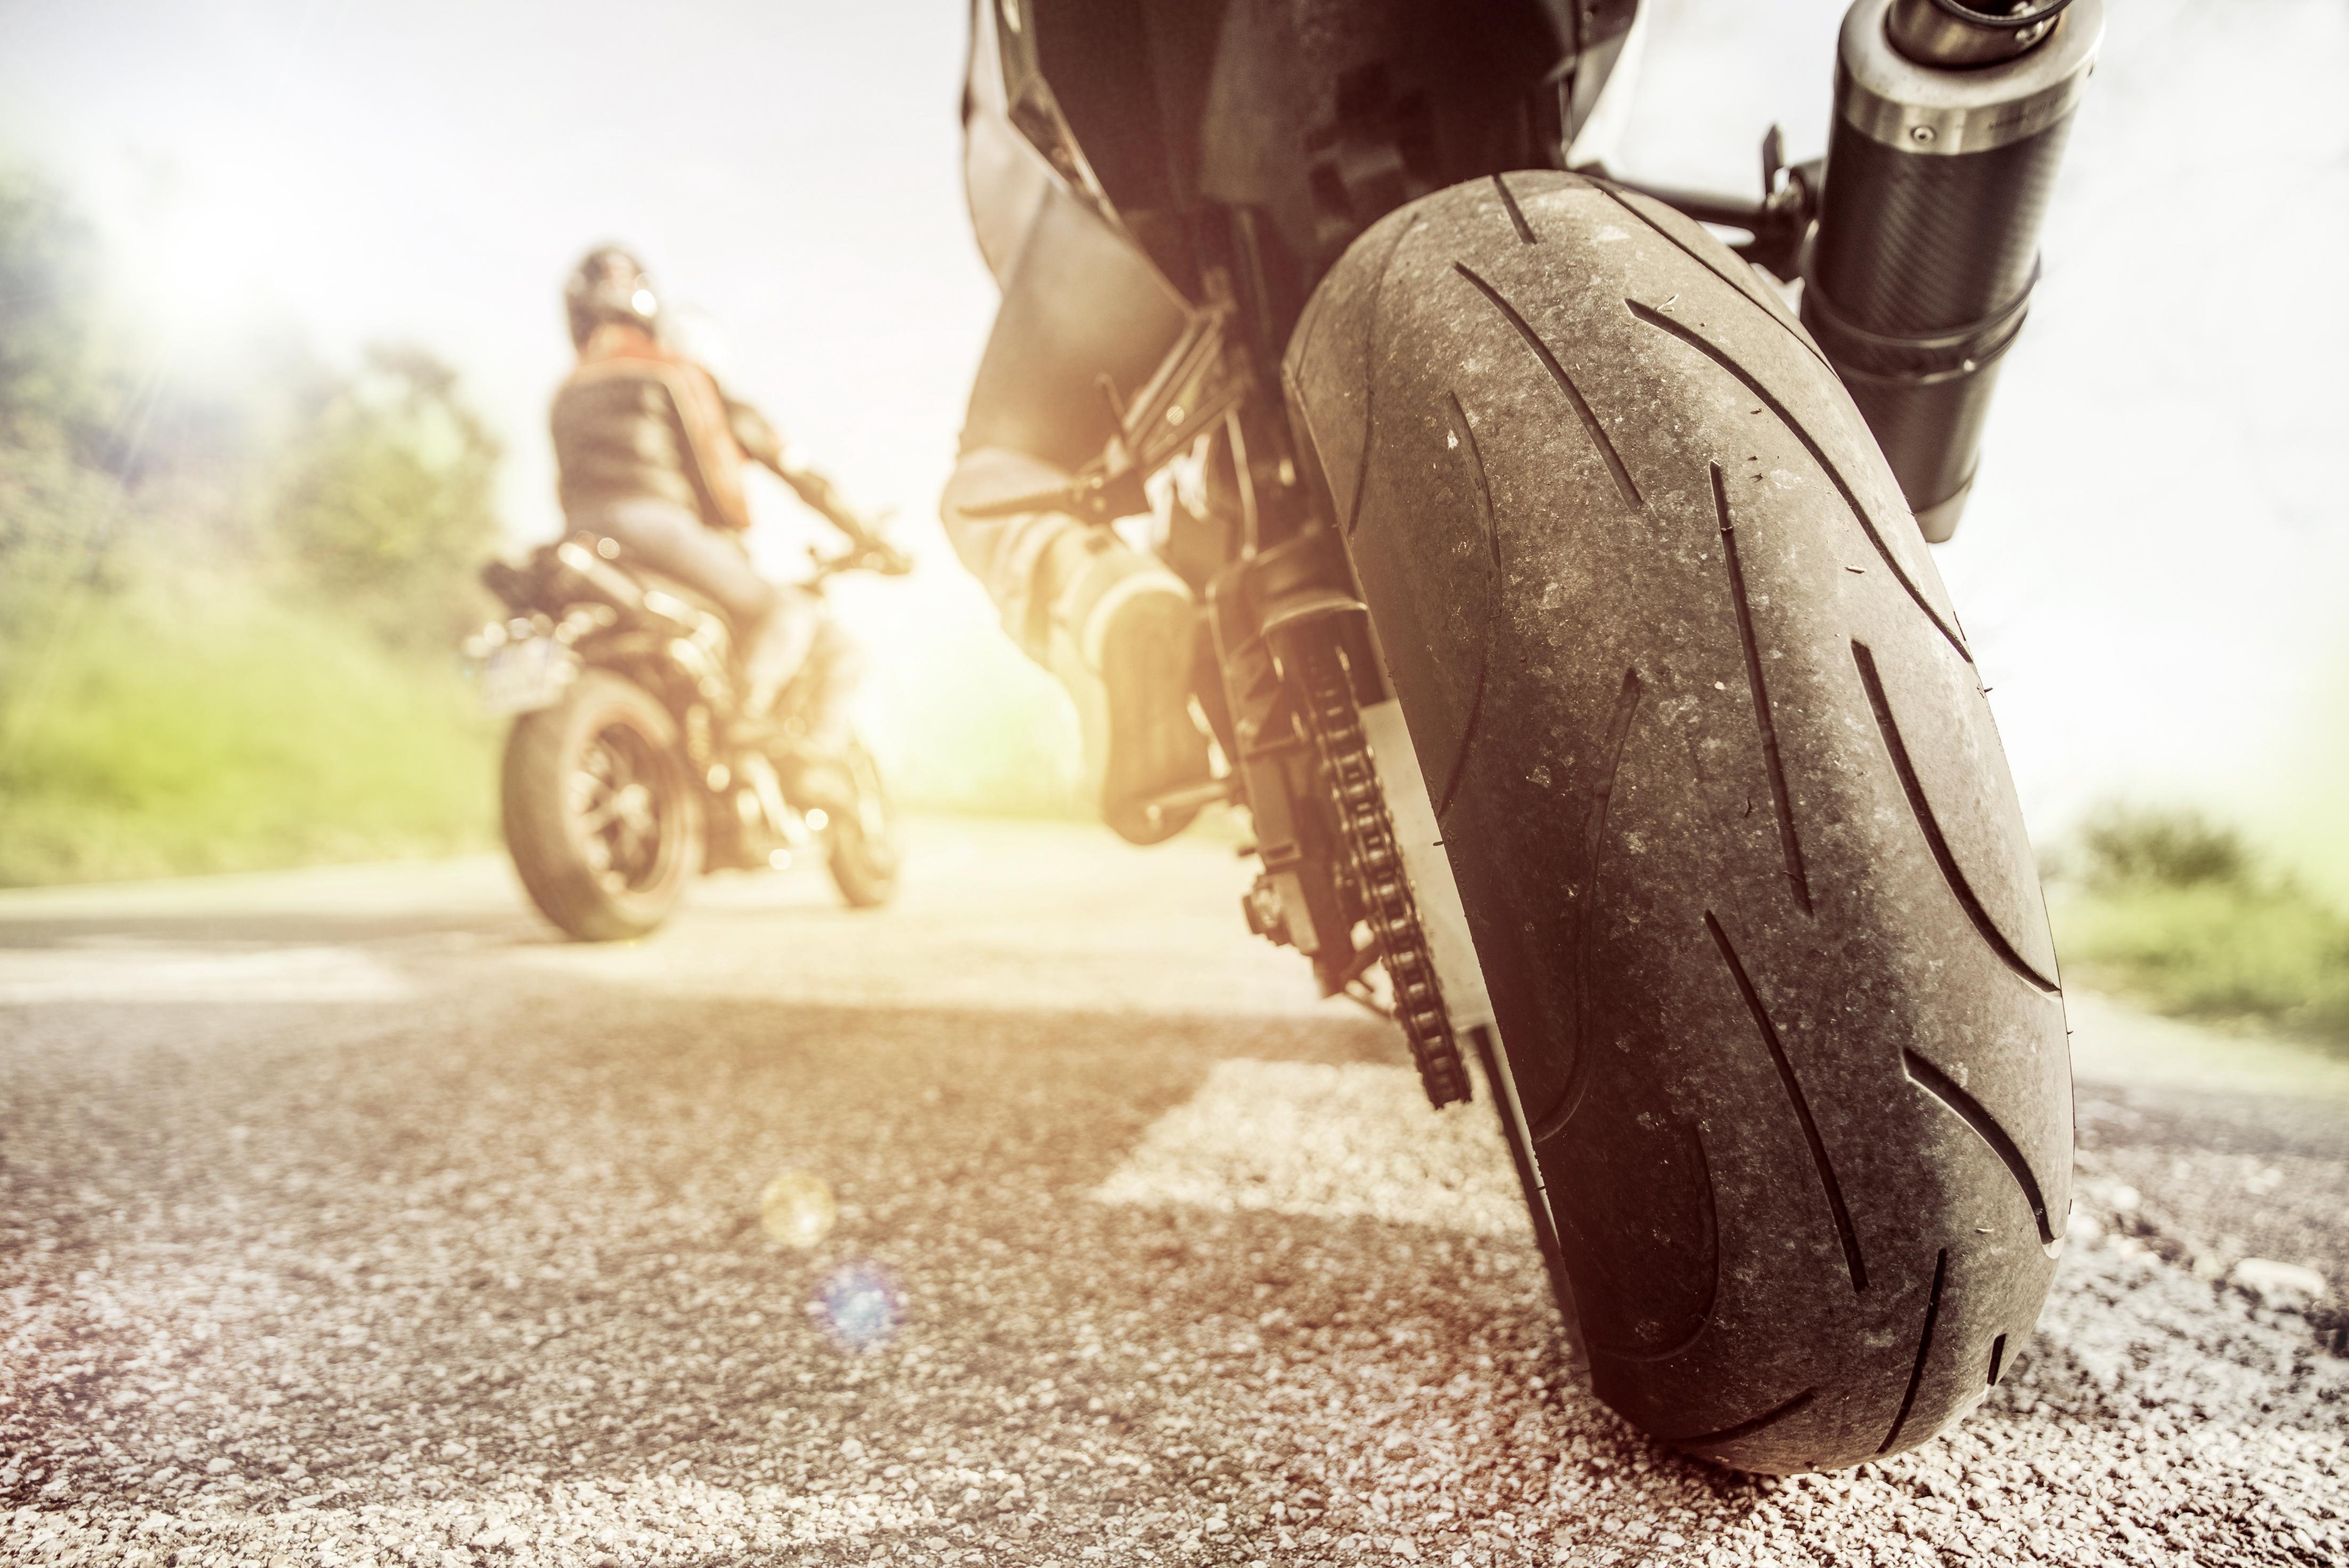 Dzięki rozwiązaniom Boscha motocykle i pojazdy sportowe już dziś są przygotowane na wyzwania przyszłości